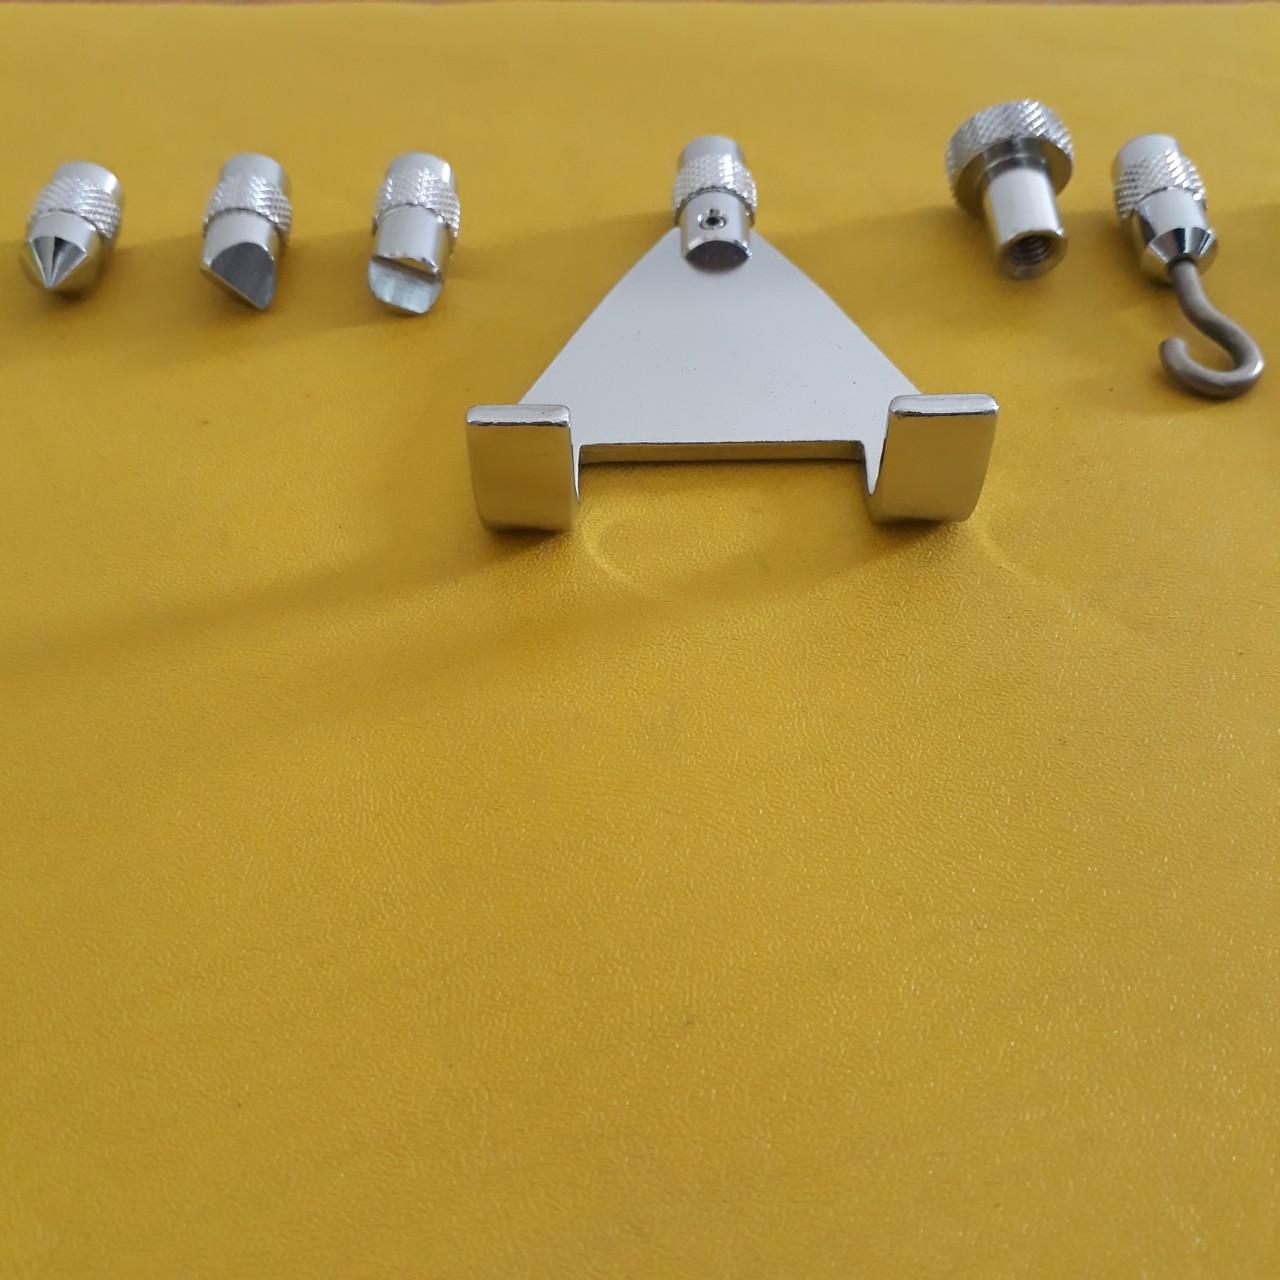 Thiết bị đo lực kéo đẩy cơ 50Kg/500N mechanical force gauge AP-50 ATTONIC